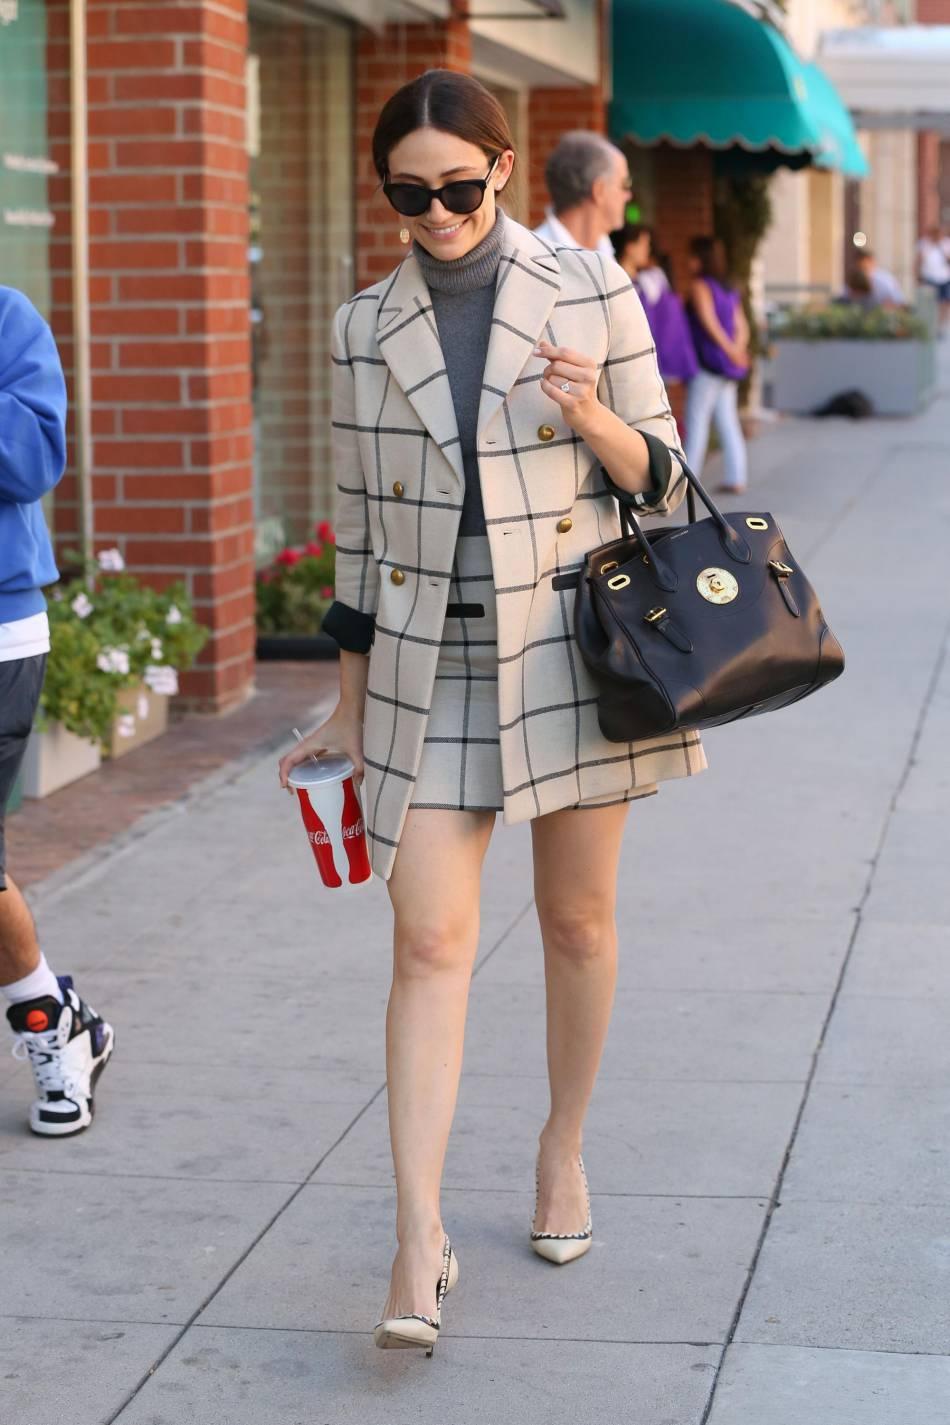 Emmy Rossum aperçue à Los Angeles dans une tenue à carreaux inspirante !